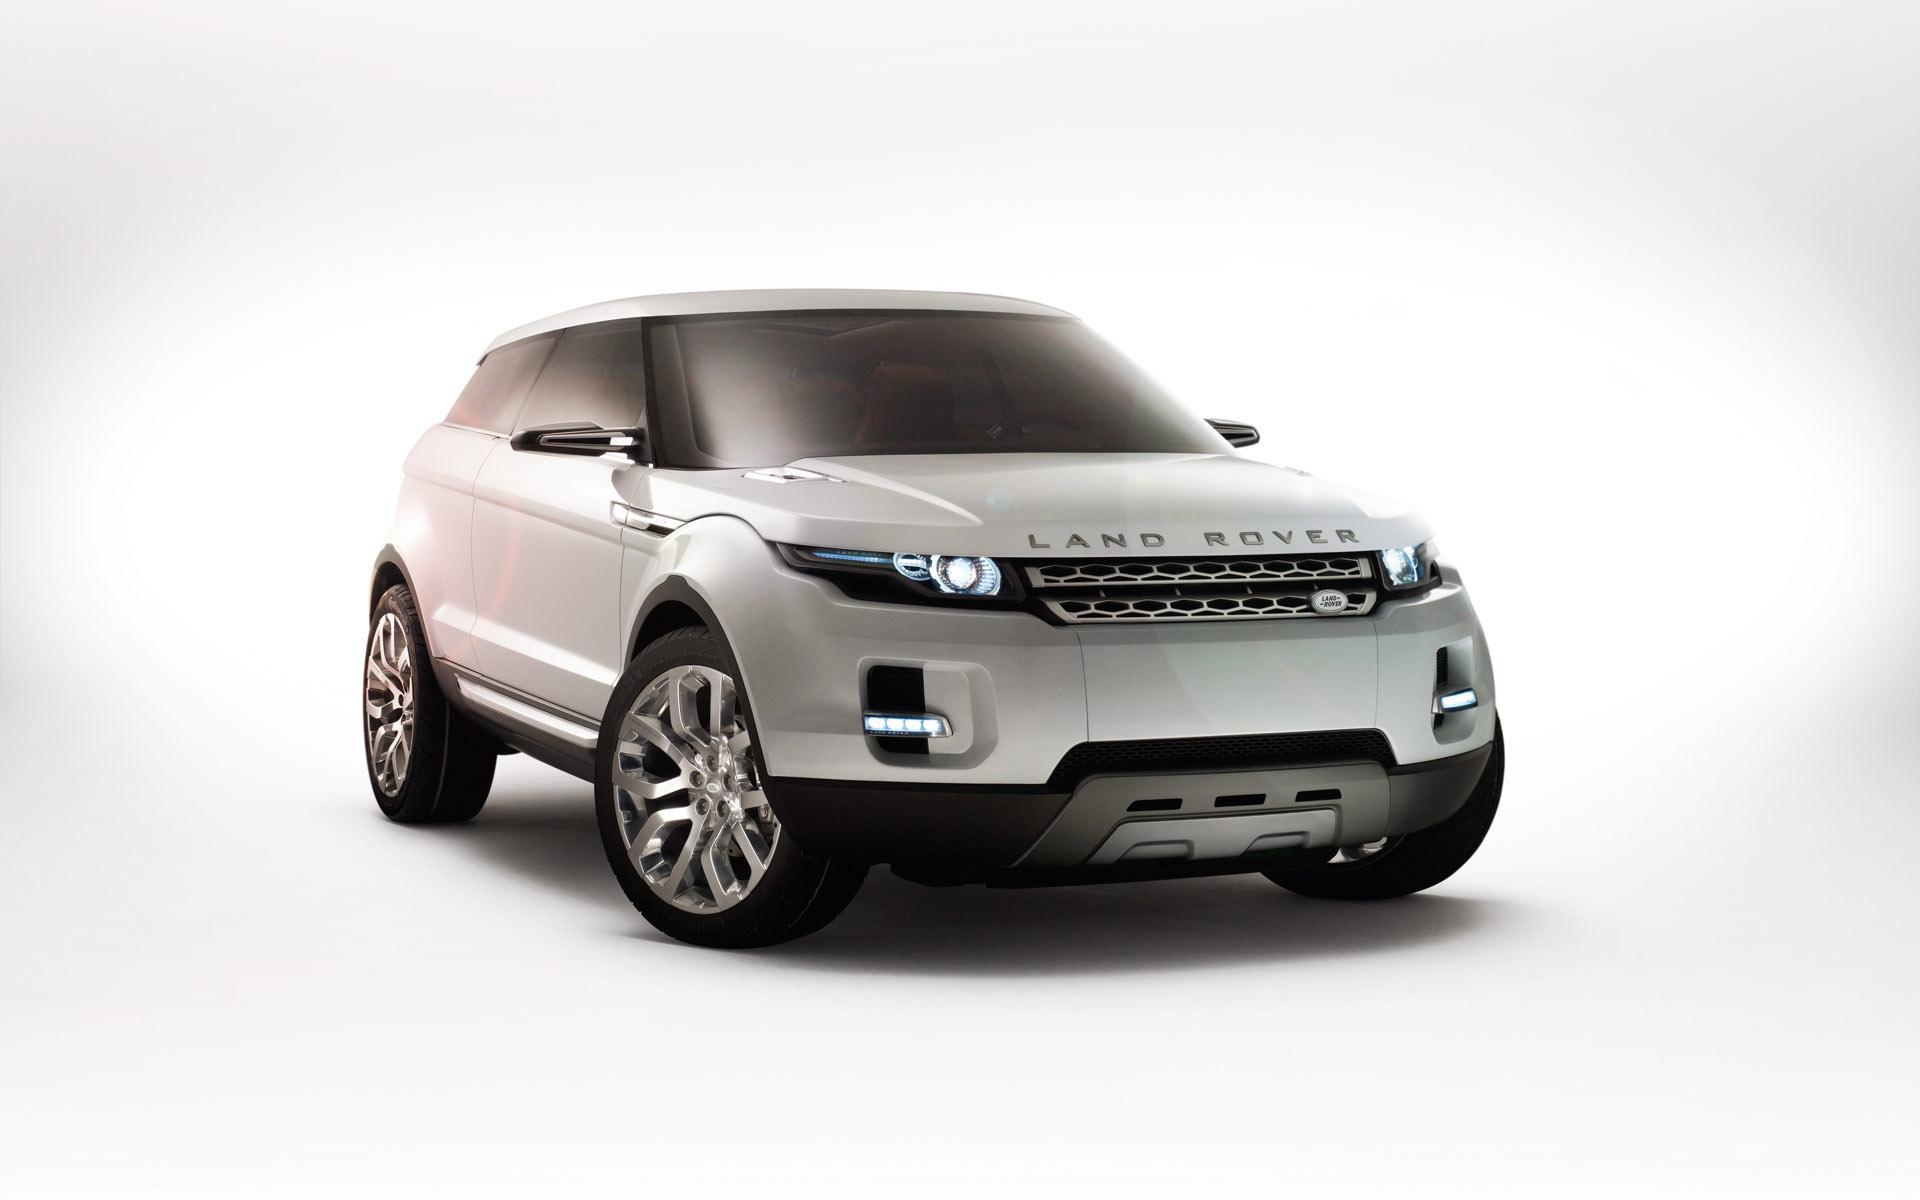 陆虎越野车_路虎/陆虎(land rover) 汽车壁纸